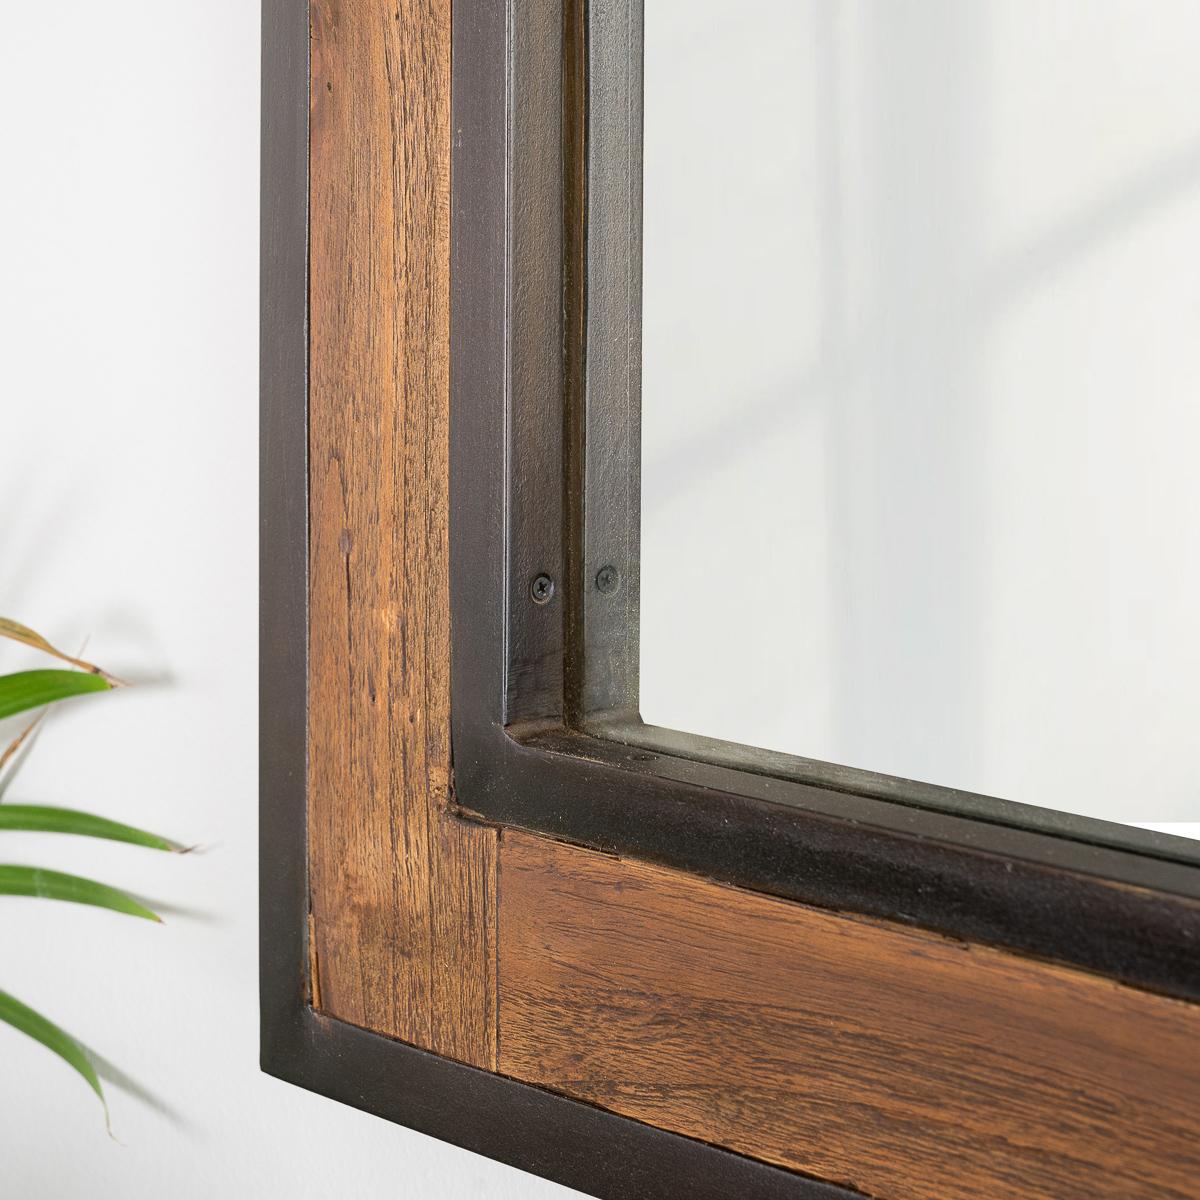 Miroir de salle de bain l gance bois m tal 60x80 for Miroir bois metal